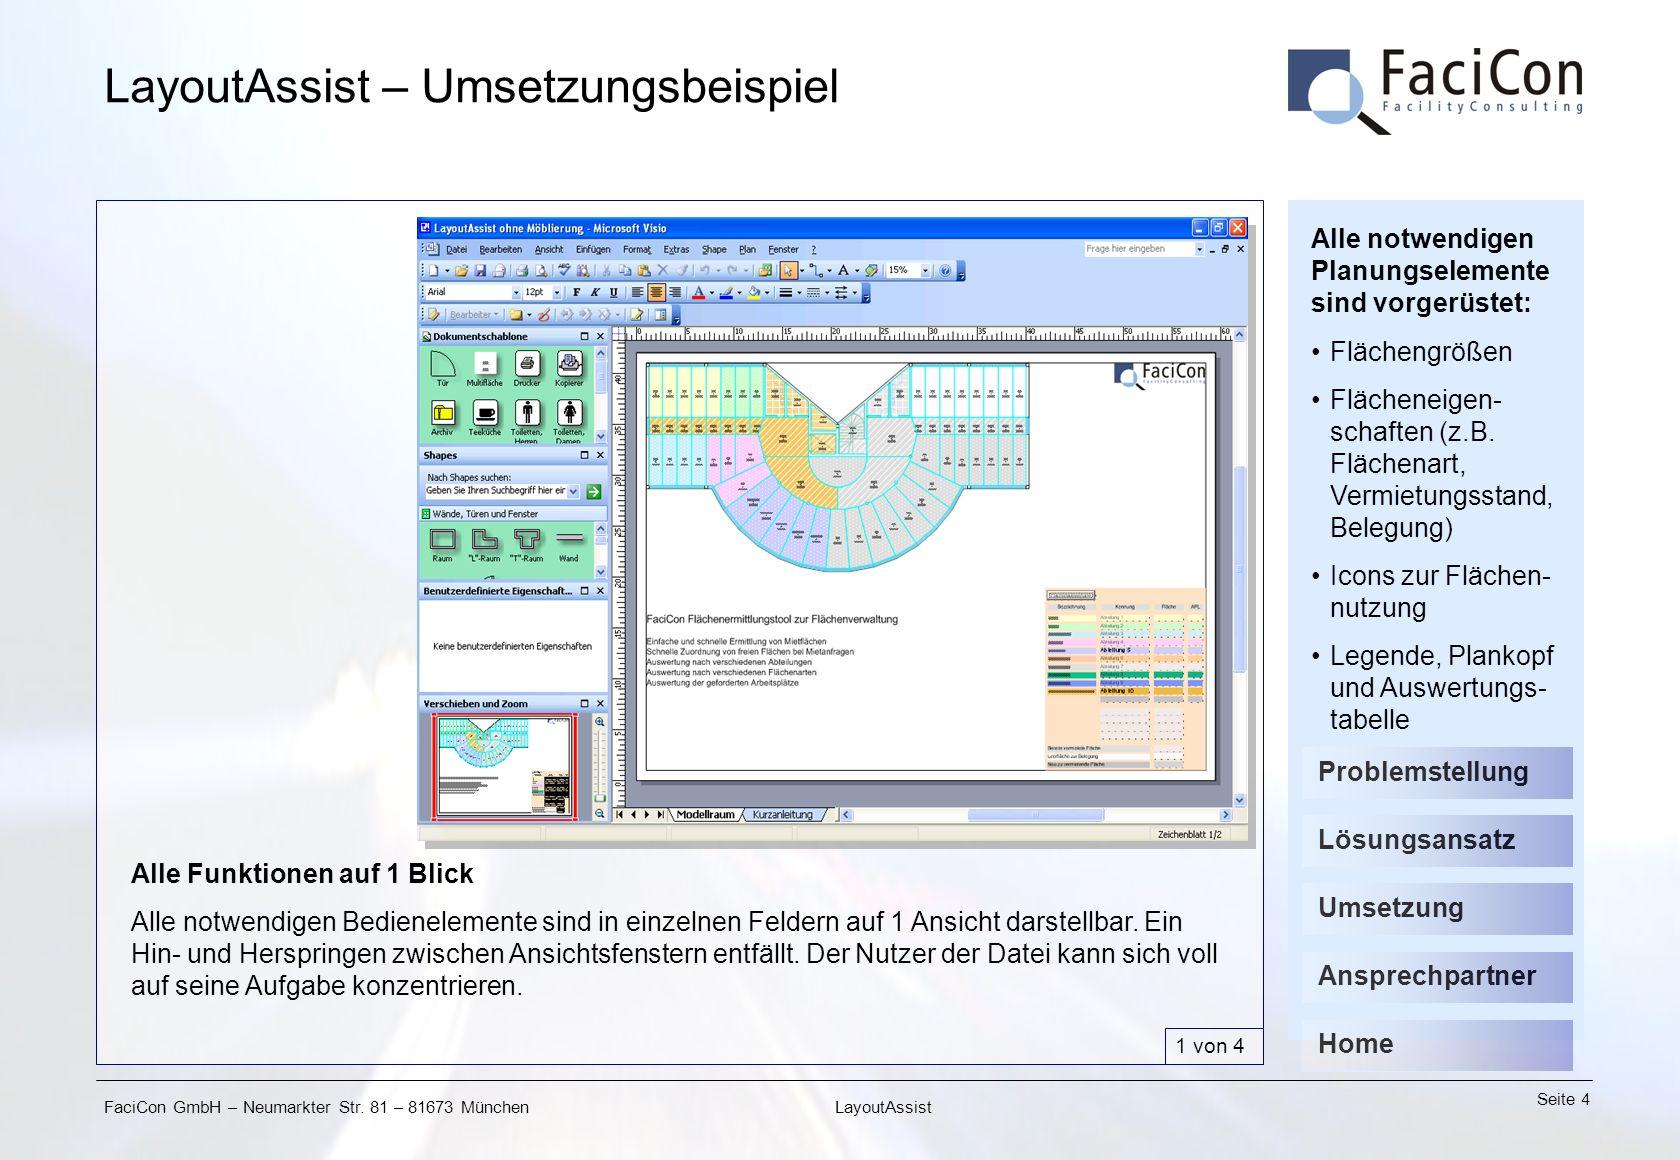 FaciCon GmbH – Neumarkter Str. 81 – 81673 München Seite 4 LayoutAssist LayoutAssist – Umsetzungsbeispiel Alle Funktionen auf 1 Blick Alle notwendigen